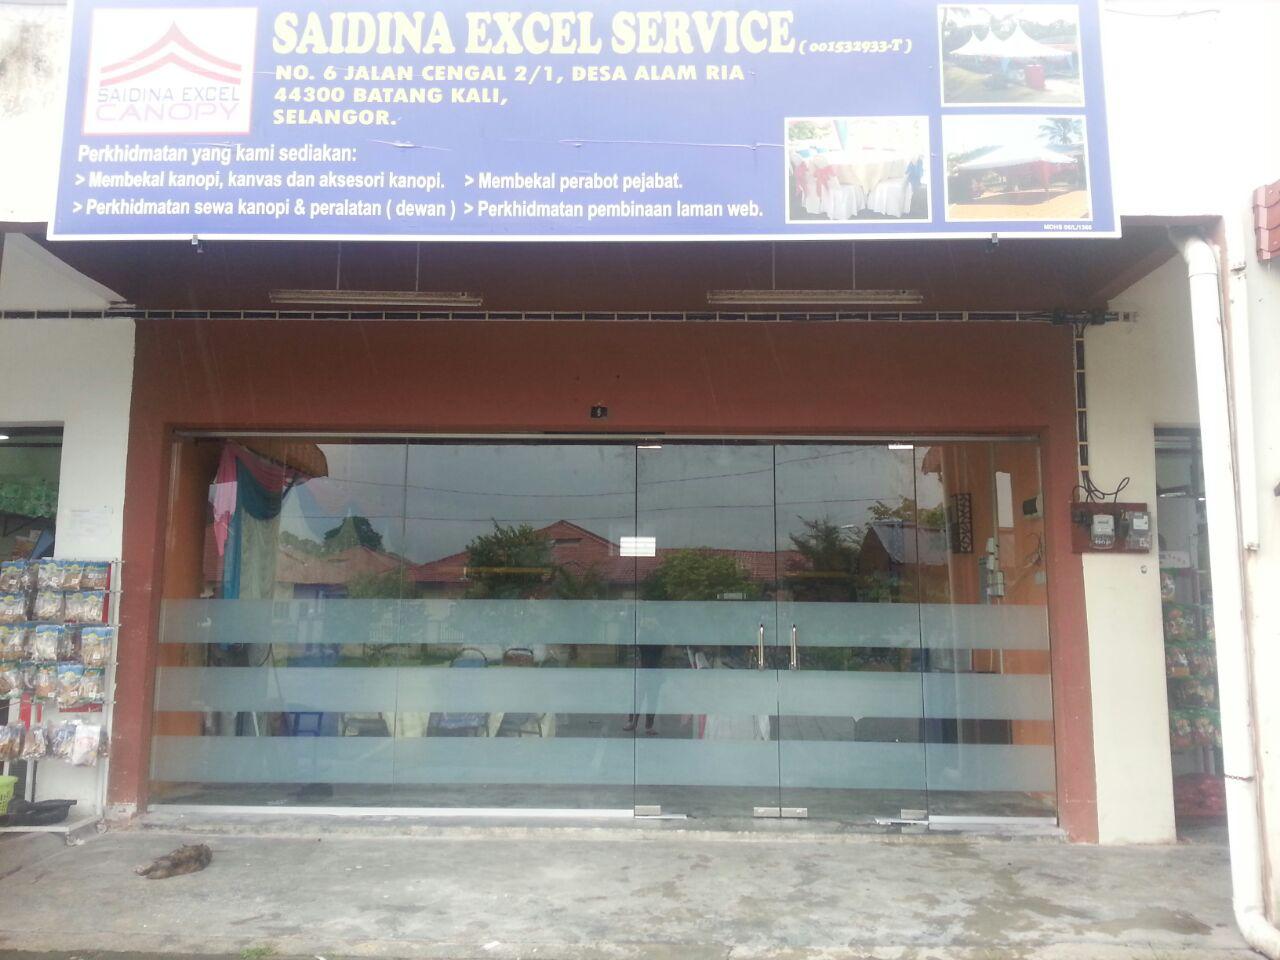 Saidina Excel Services Sdn Bhd